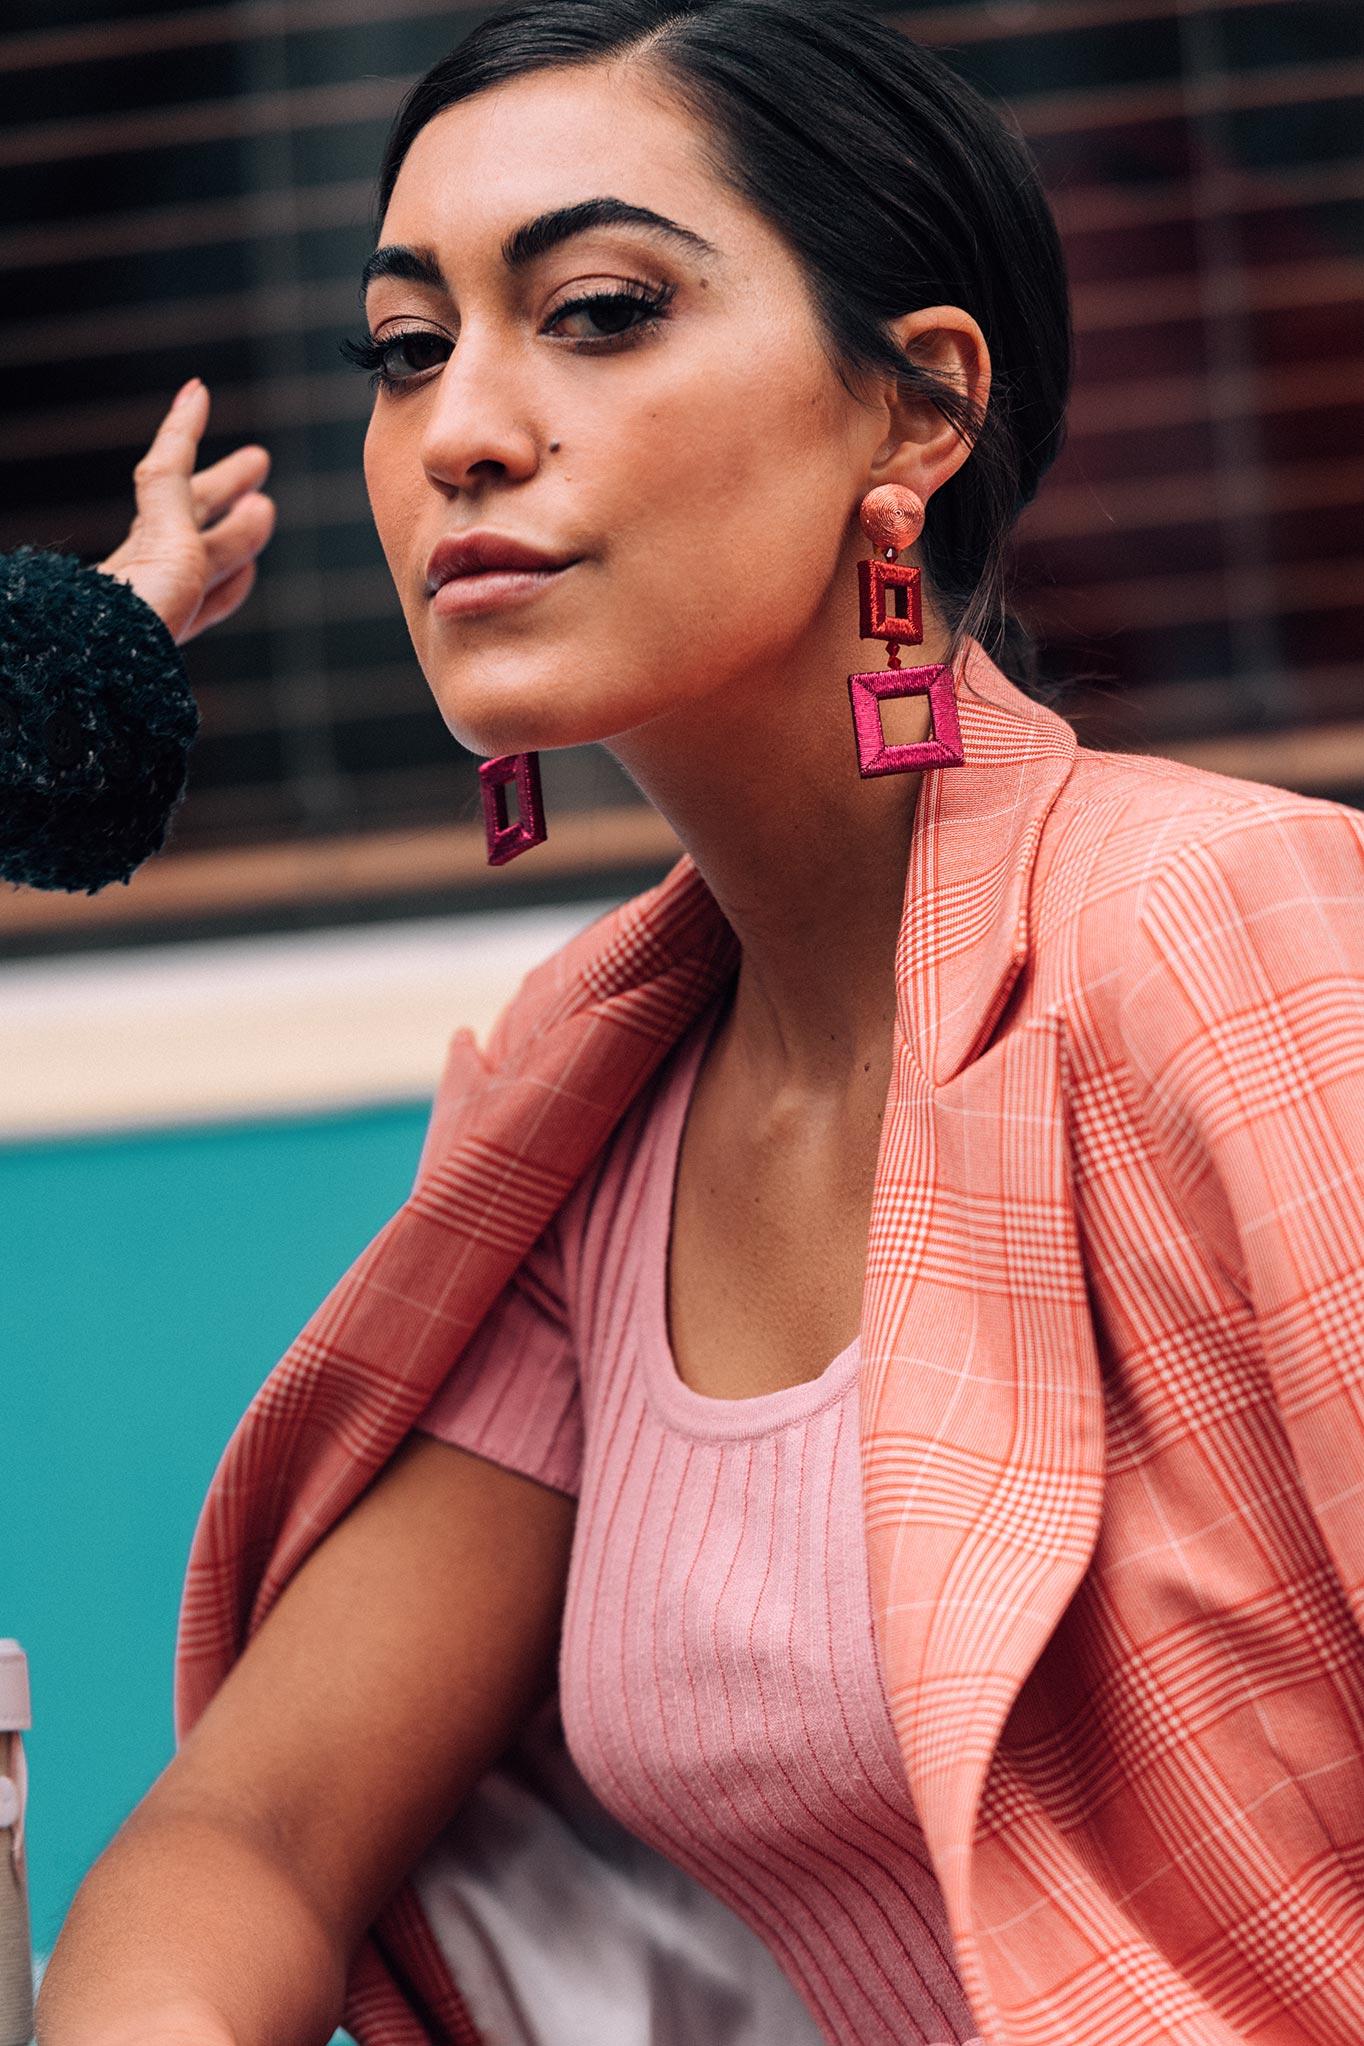 Sarah Staudinger